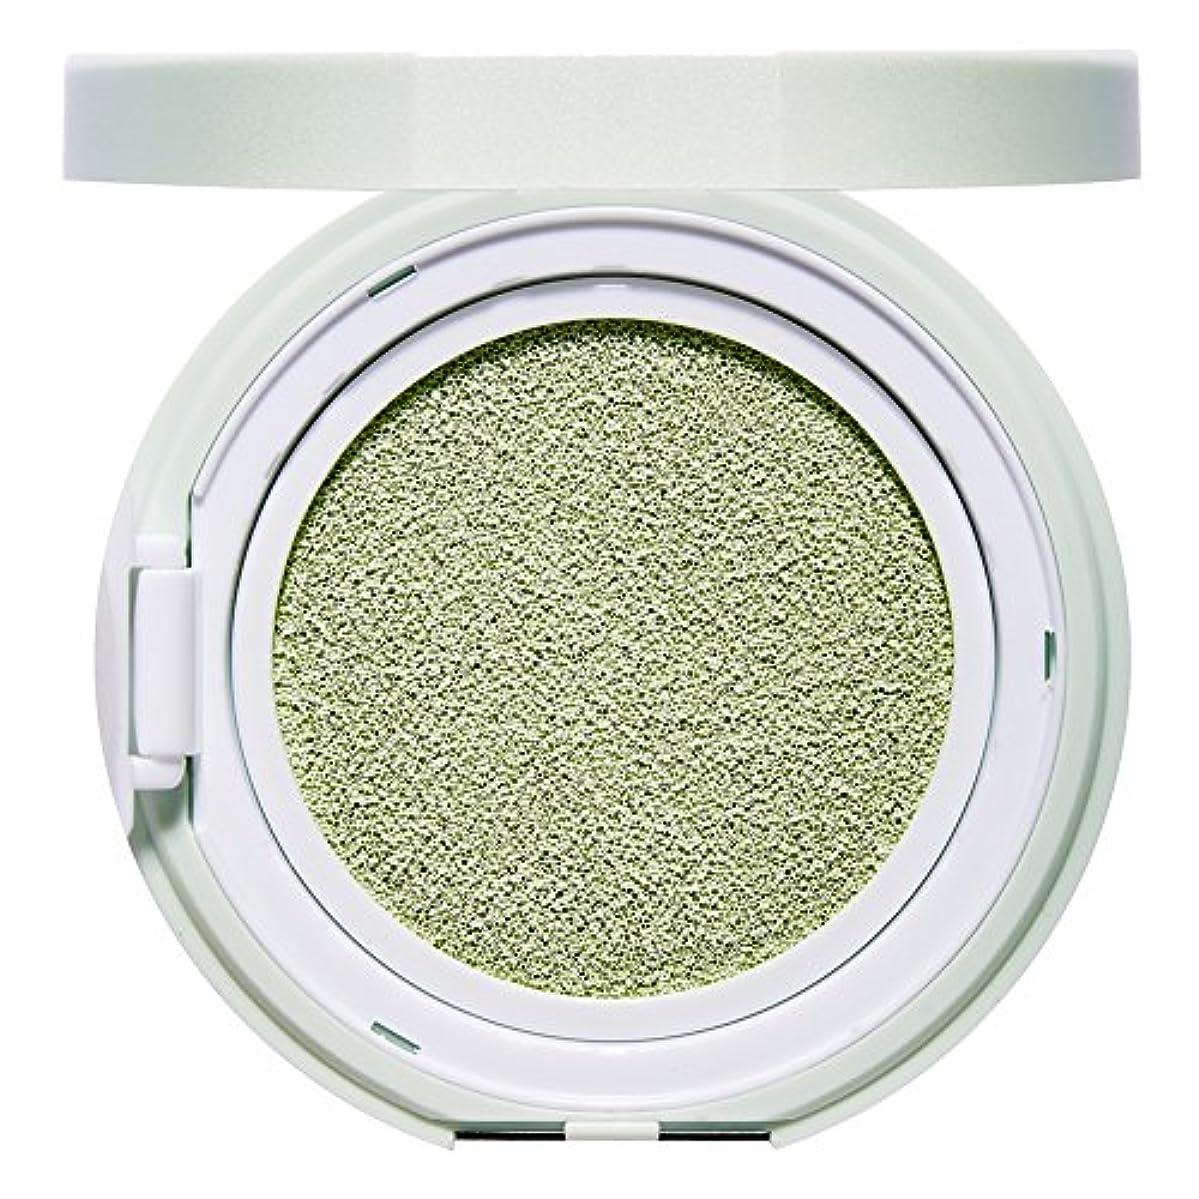 調停する岩ジャーナリストエチュードハウス(ETUDE HOUSE) エニークッション カラーコレクター Mint[化粧下地、コントロールカラー、緑、グリーン]